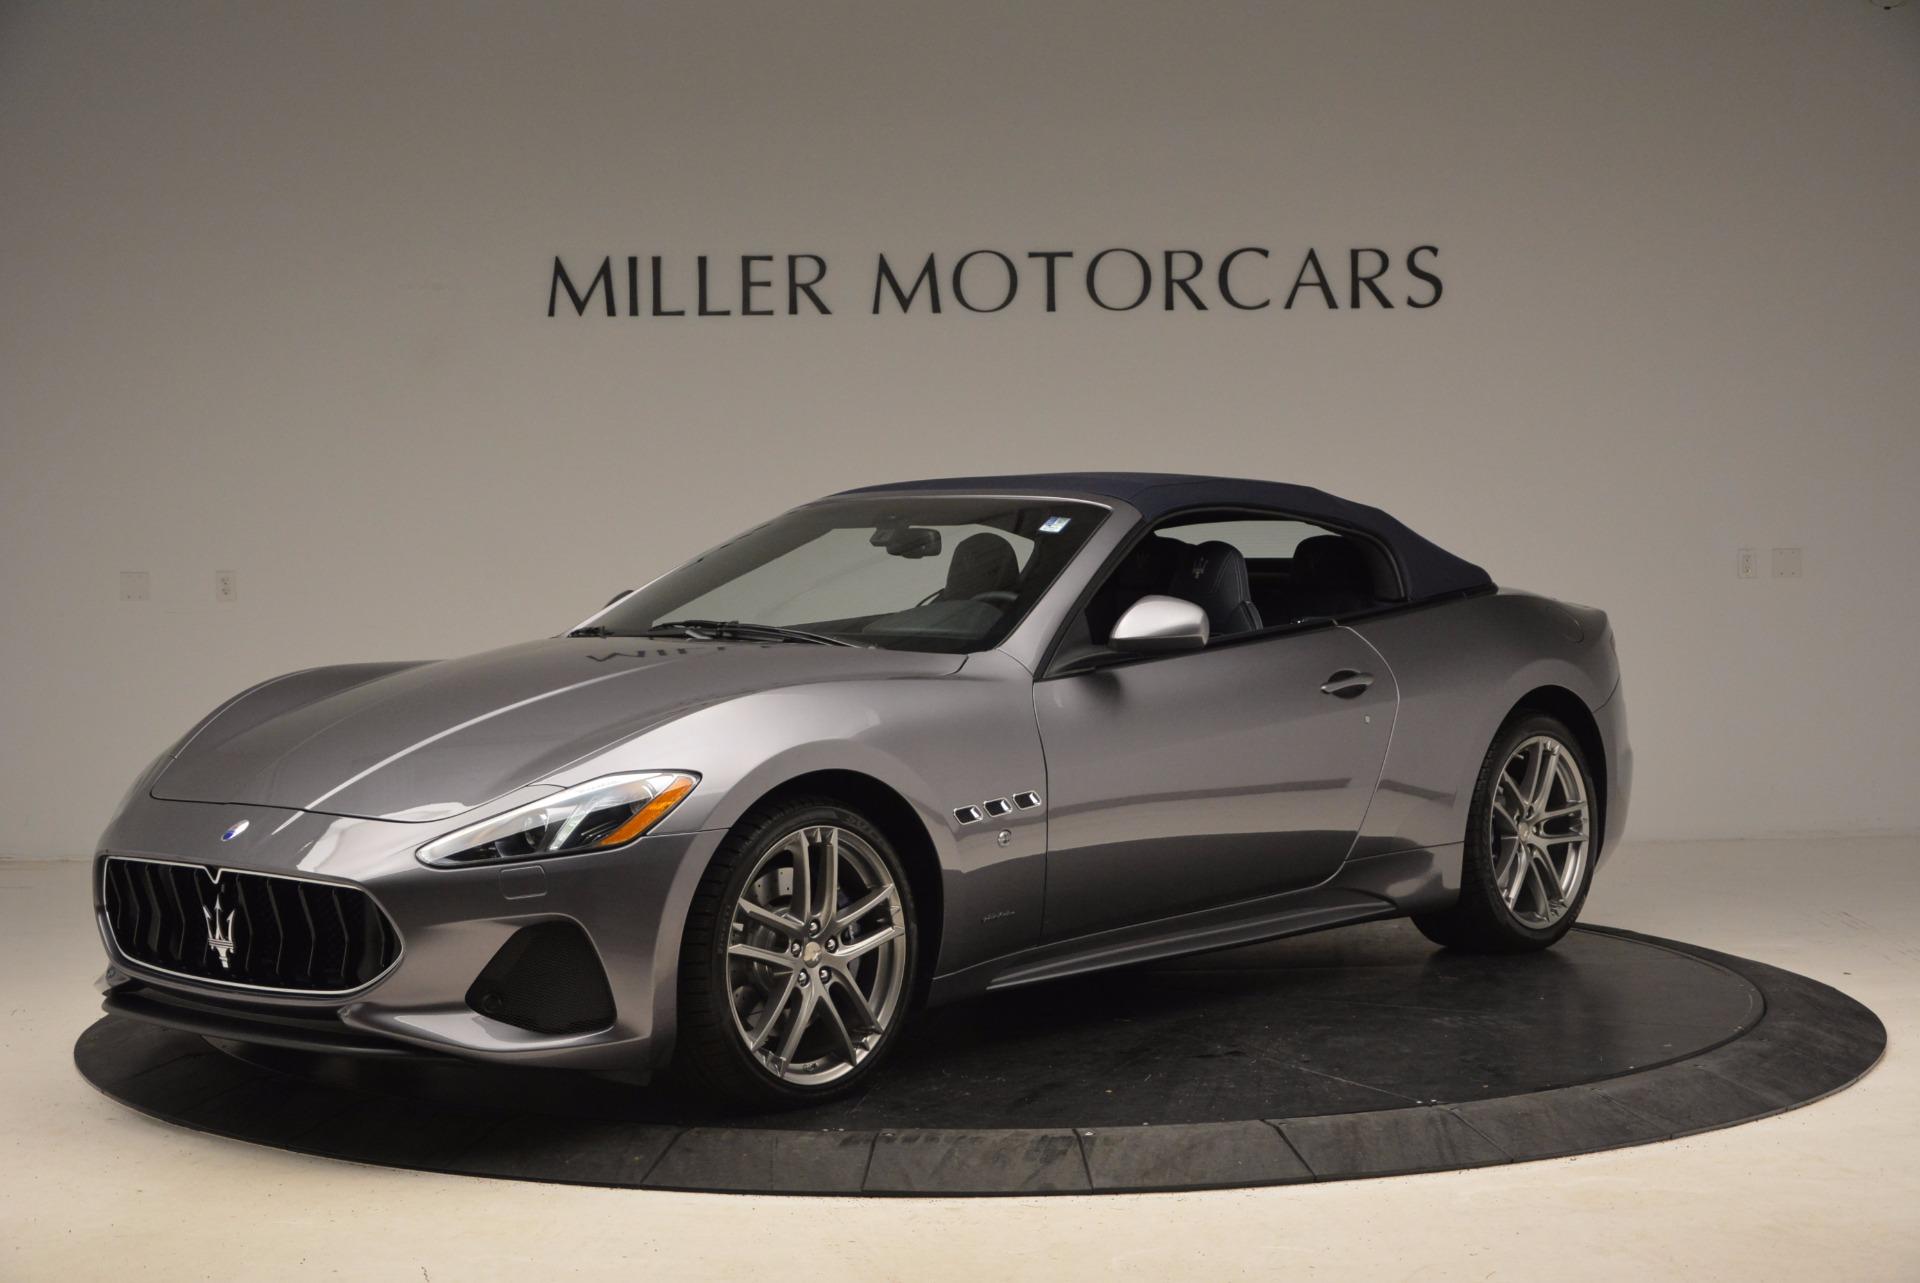 New 2018 Maserati GranTurismo Sport For Sale In Greenwich, CT 1707_p2